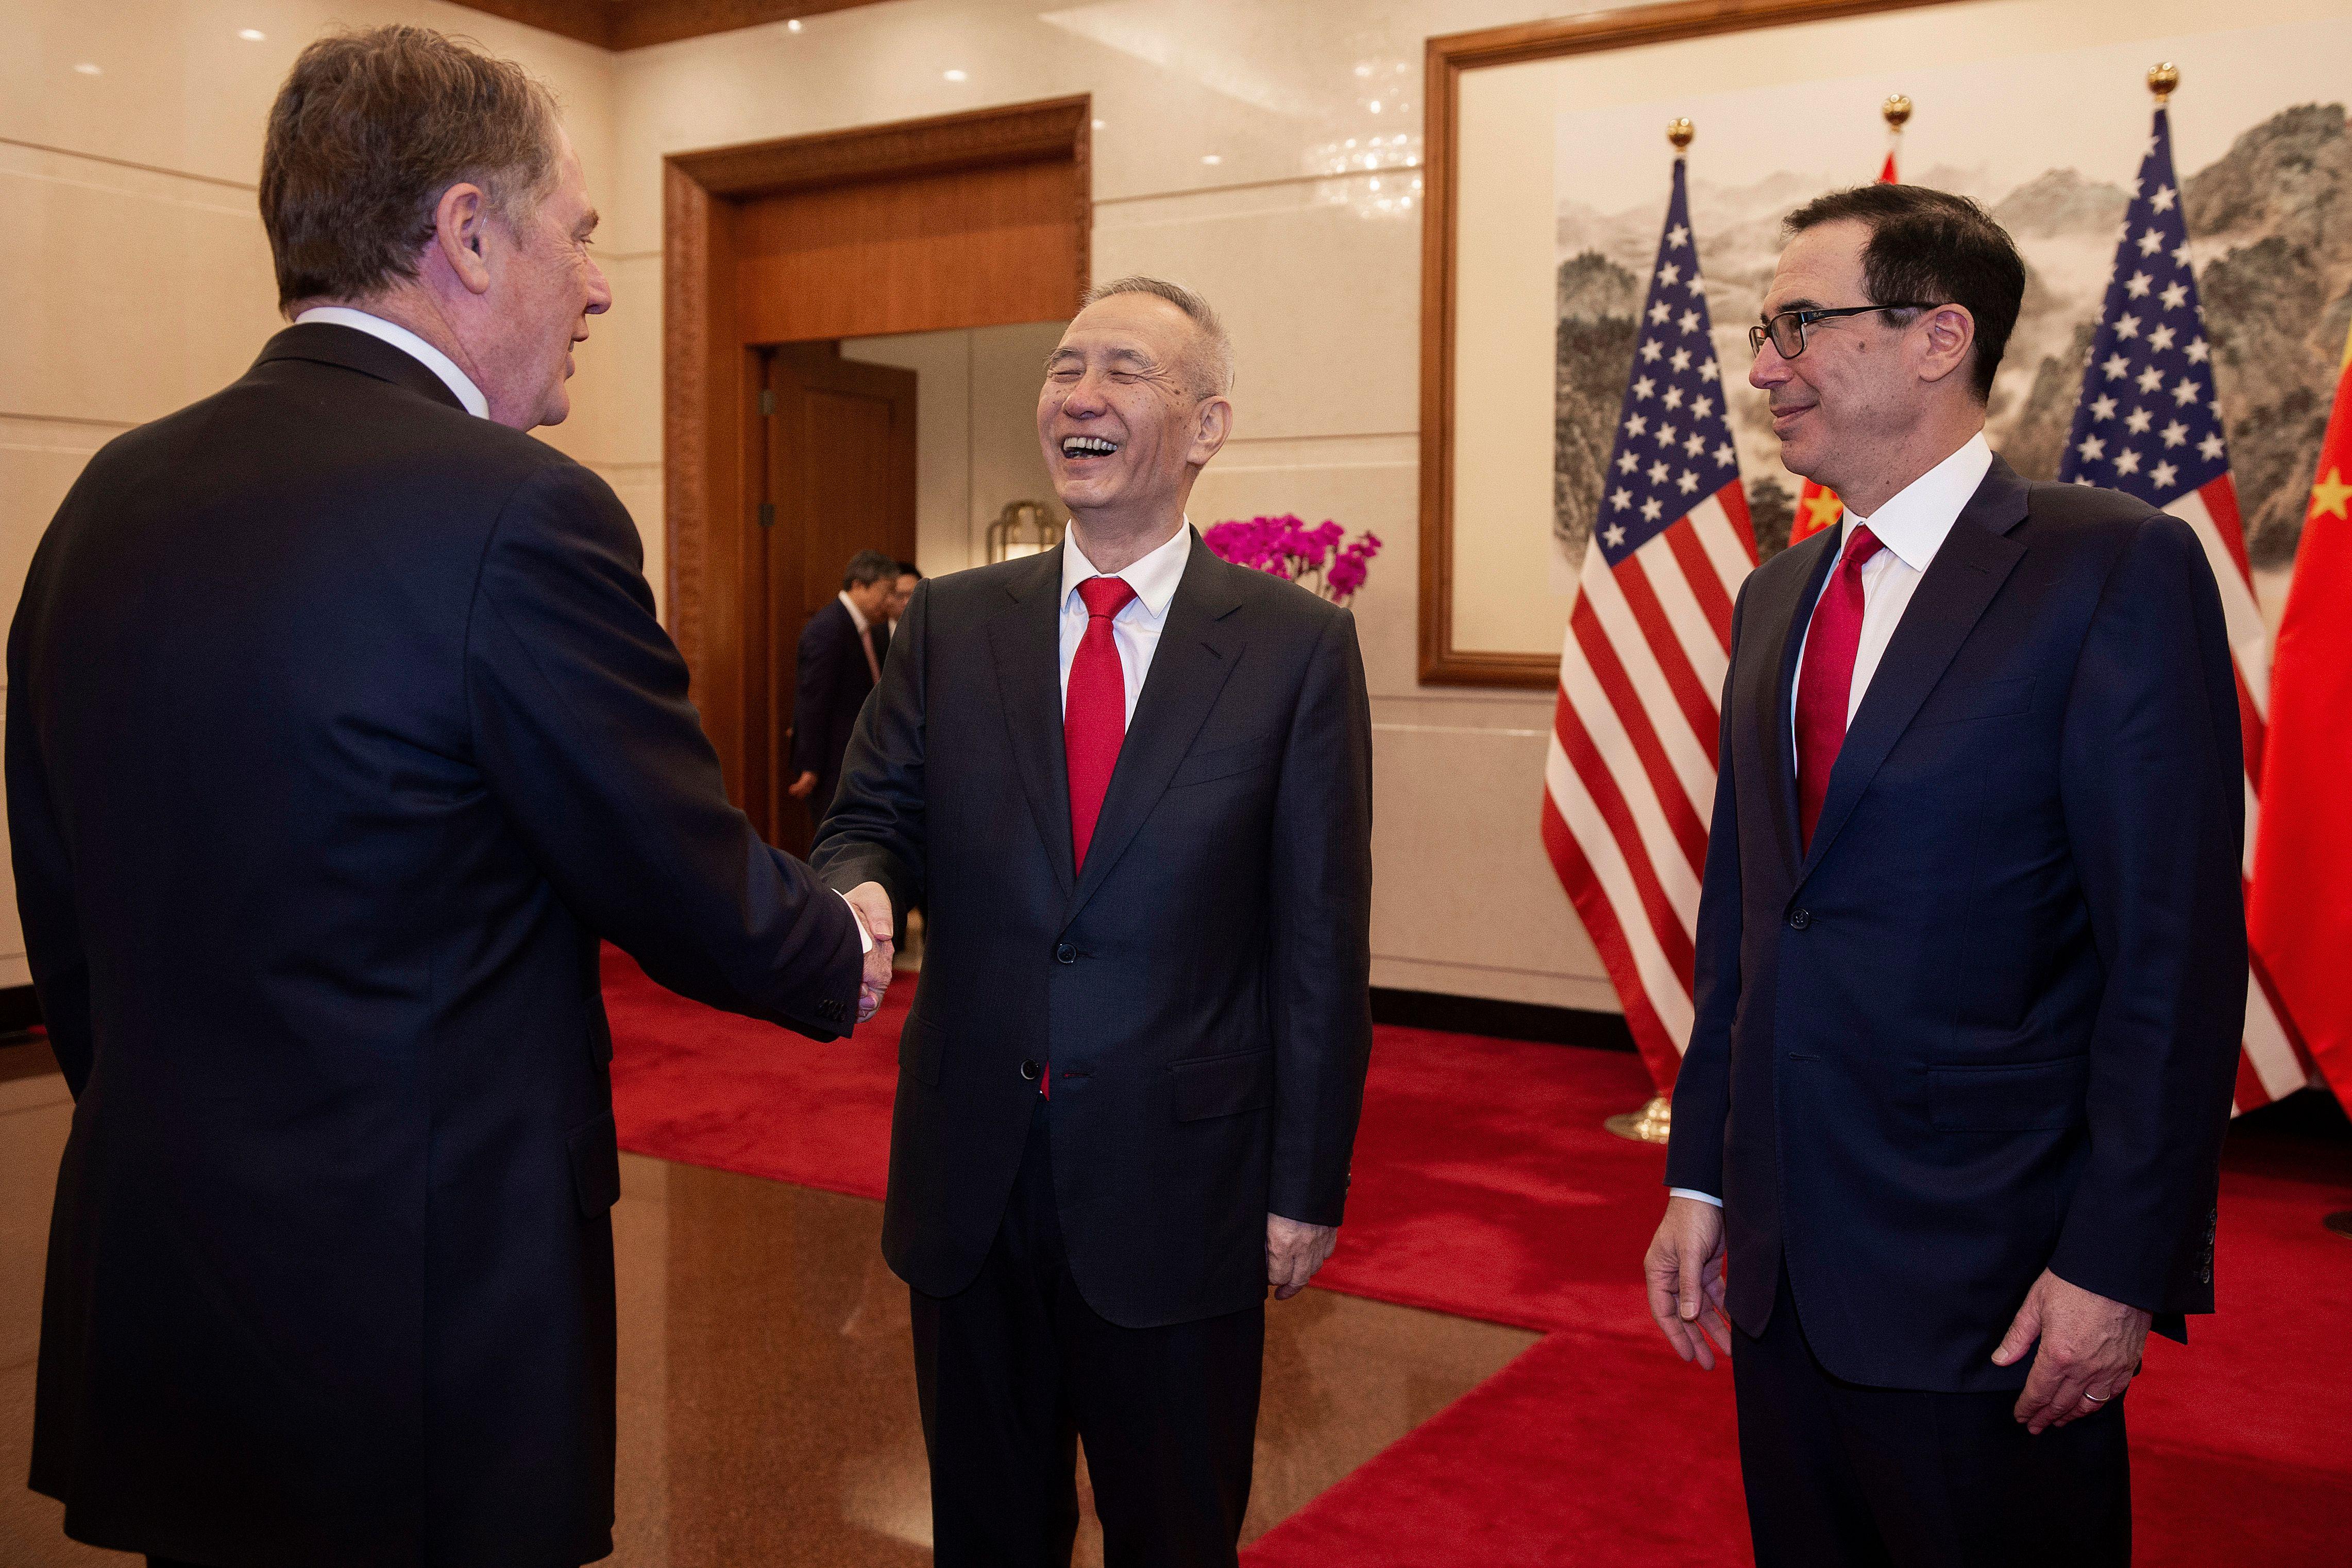 圖為中共國務院副總理劉鶴(中)與美國貿易代表羅伯特·萊特希澤(左)和美國財政部長史蒂芬·姆努欽(右)於2019年3月29日在北京釣魚台國賓館進行第八輪貿易談判。 (NICOLAS ASFOURI/AFP/Getty Images)